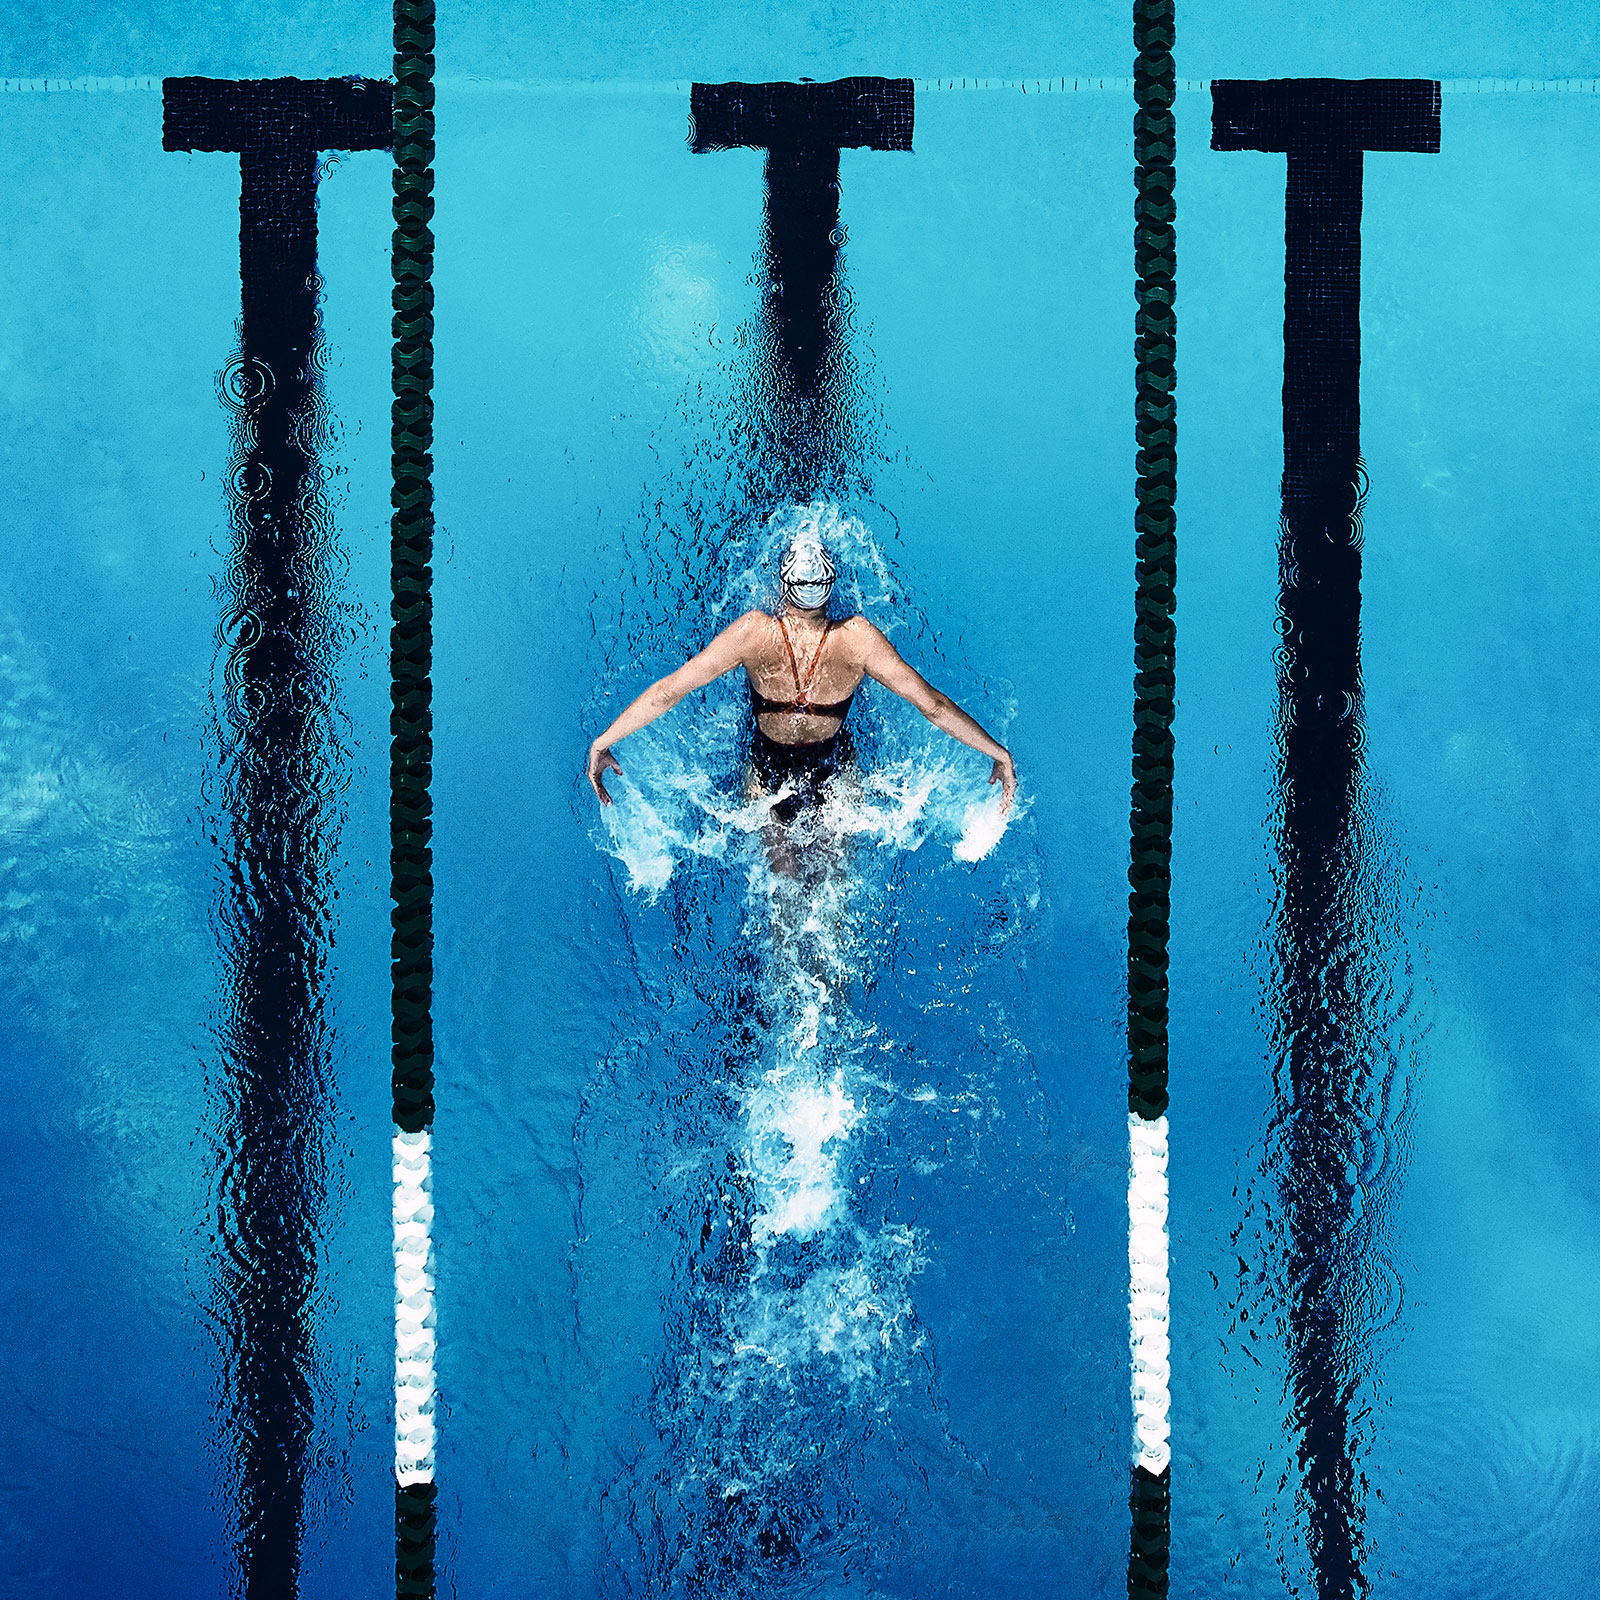 Speedo Team USA Campaign shot by Justin Bastien